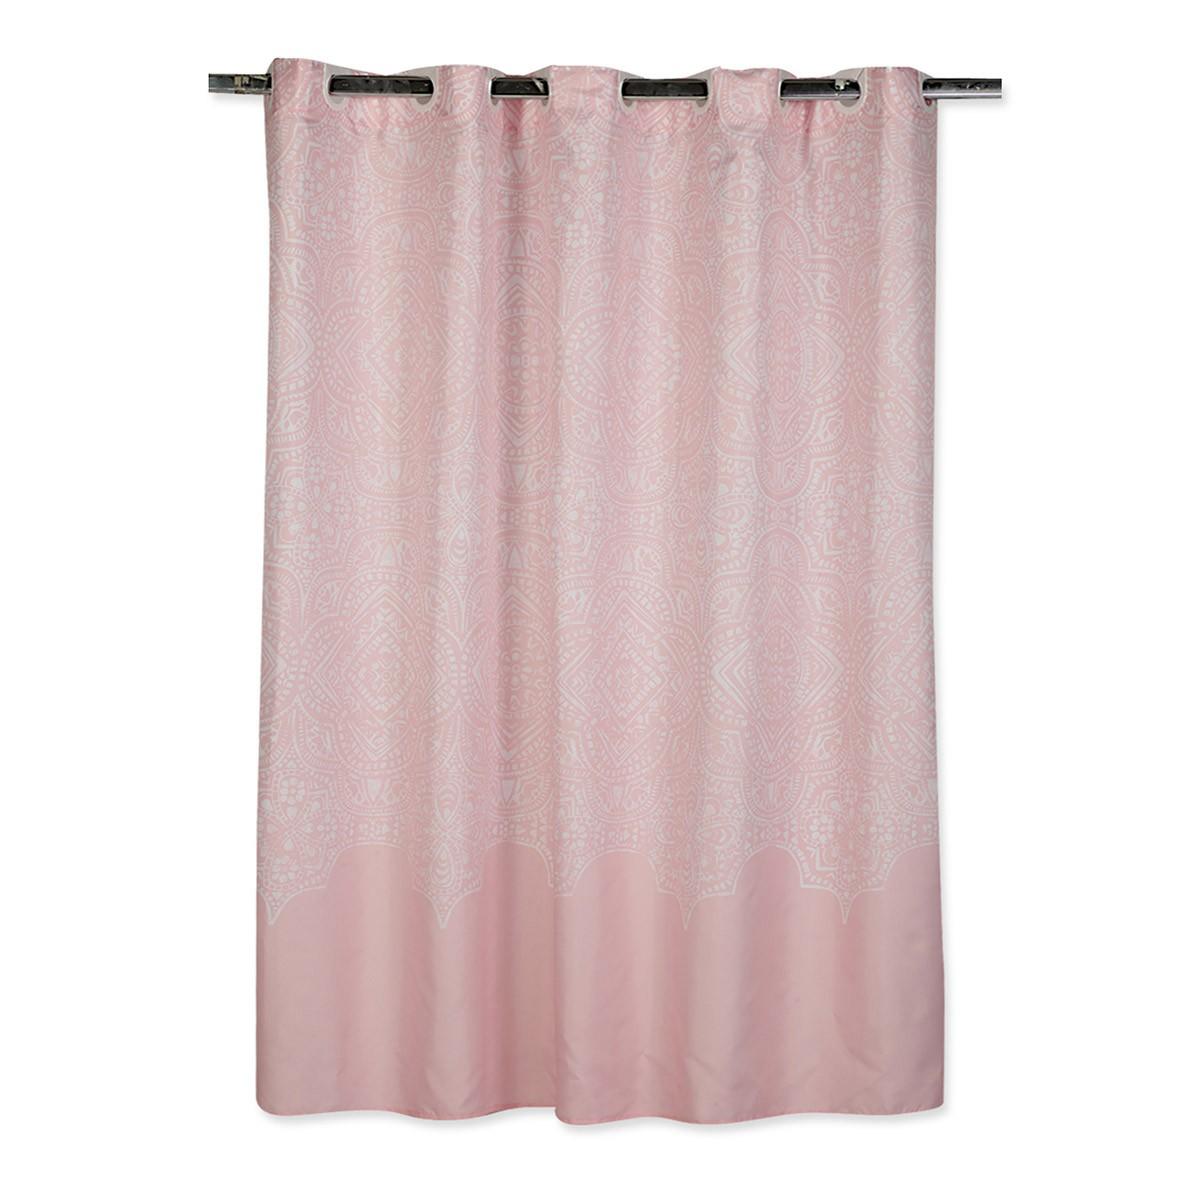 Κουρτίνα Μπάνιου (180×180) Nef-Nef Henna Pink 88381